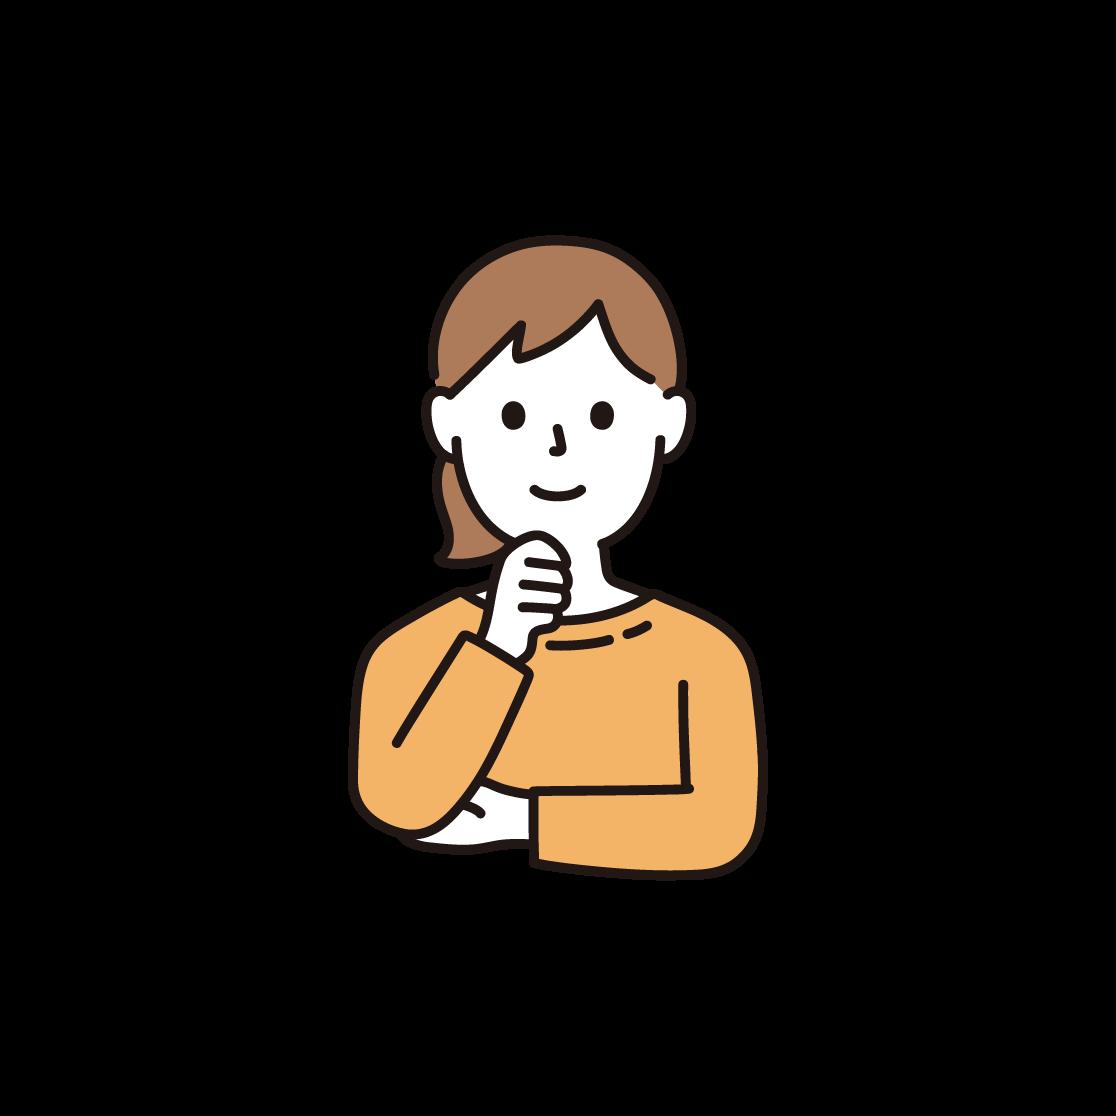 顎に手を当てる女性のイラスト